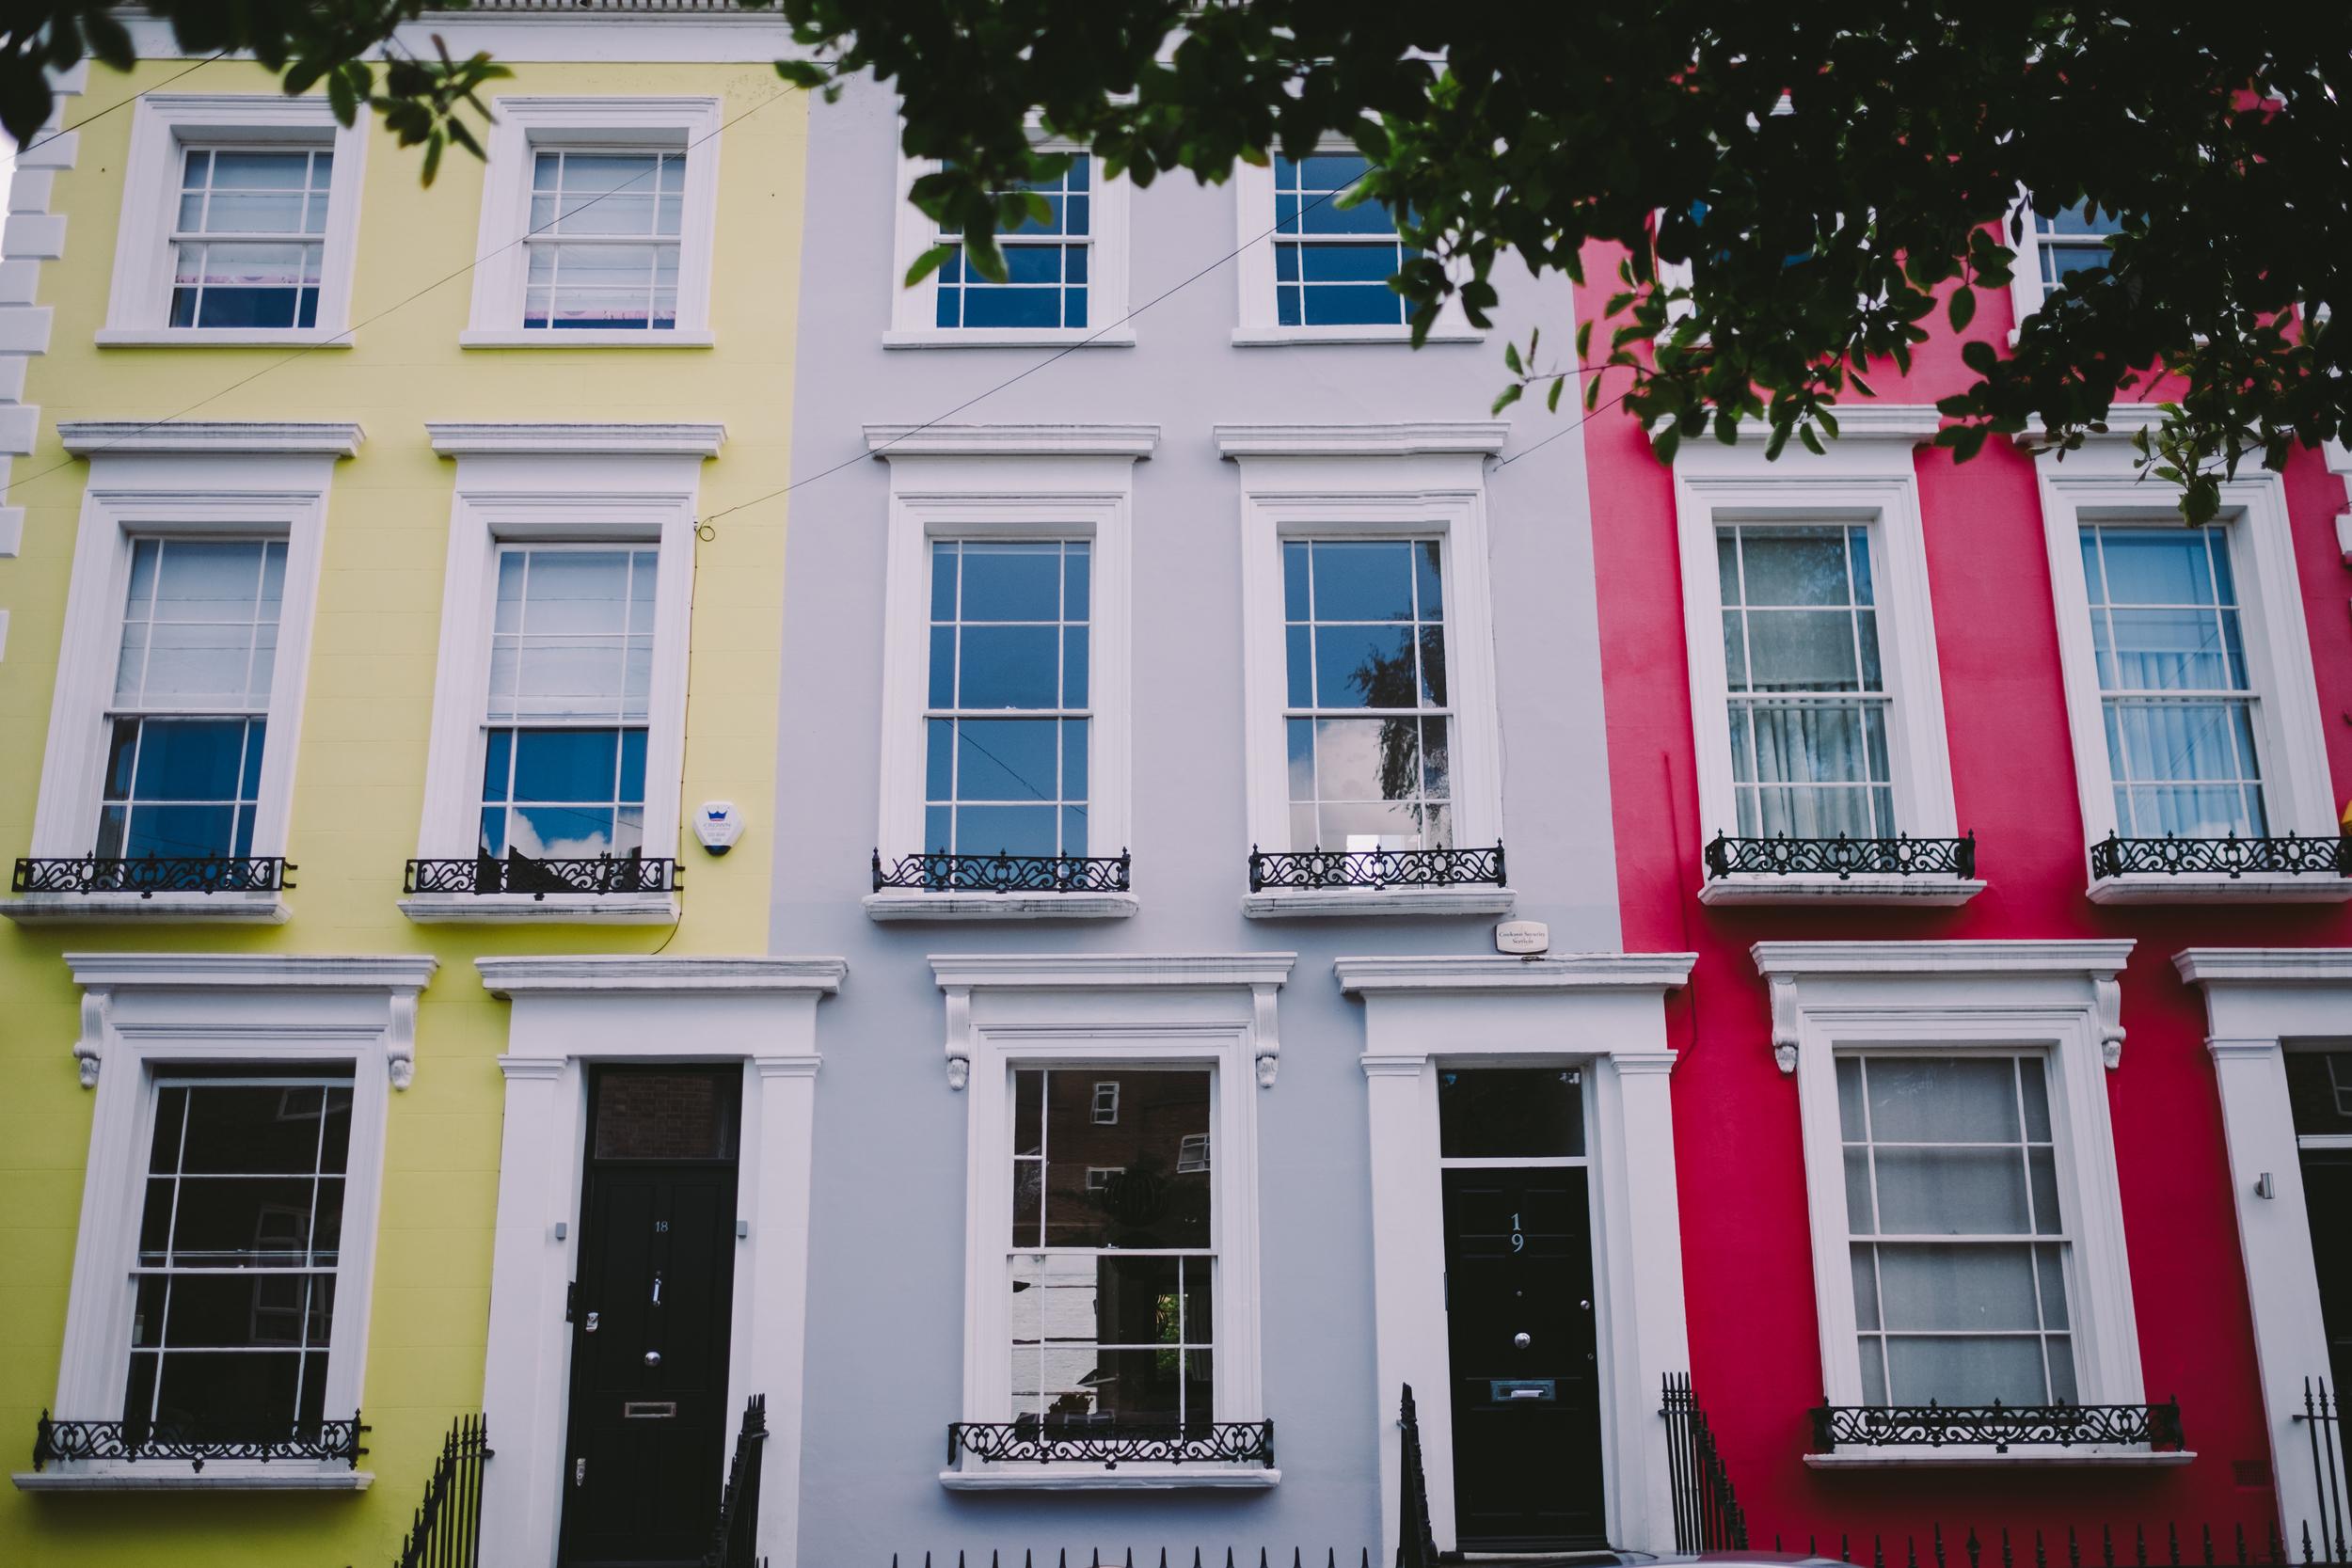 London-Cambridge-121.jpg